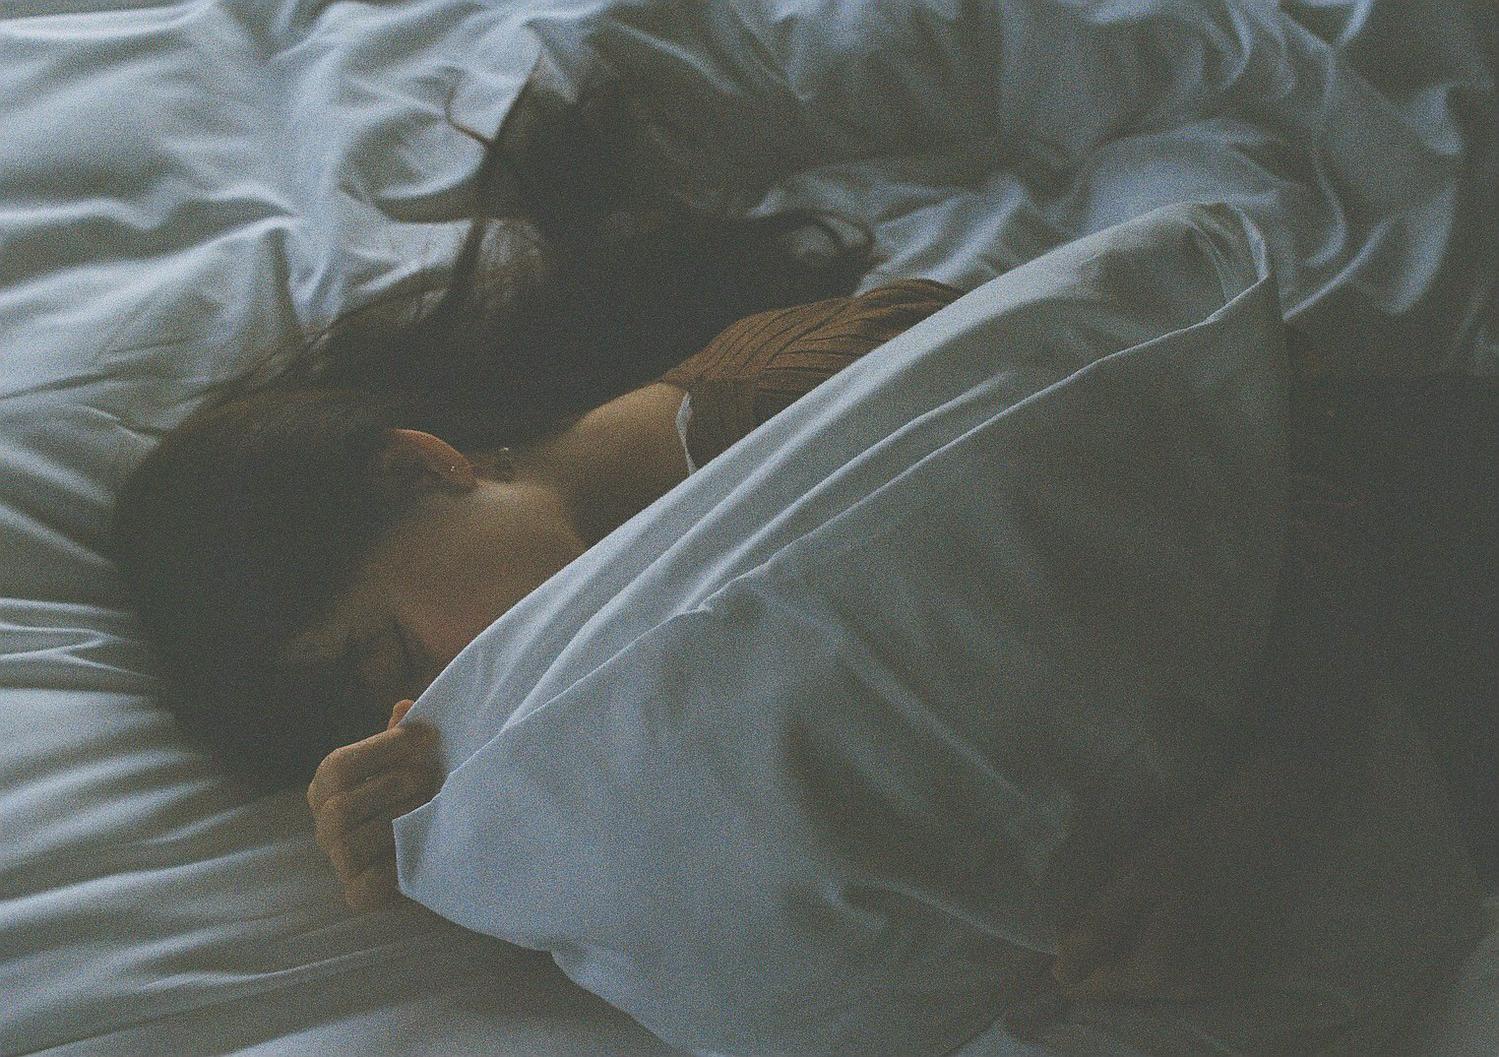 やっぱり睡眠時間は大事